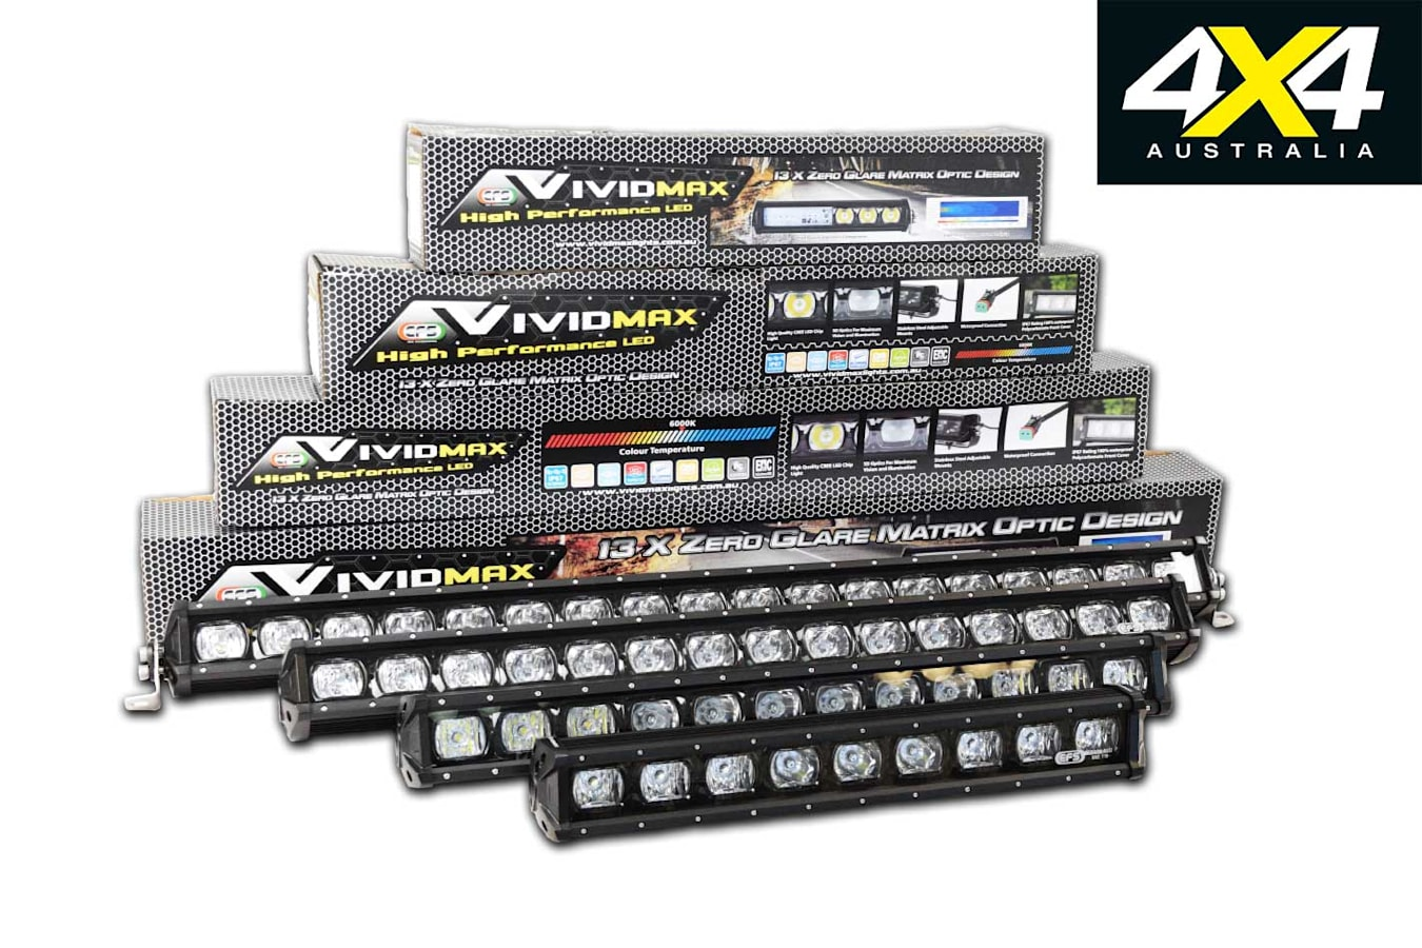 Efs Vividmax Light Bar Jpg